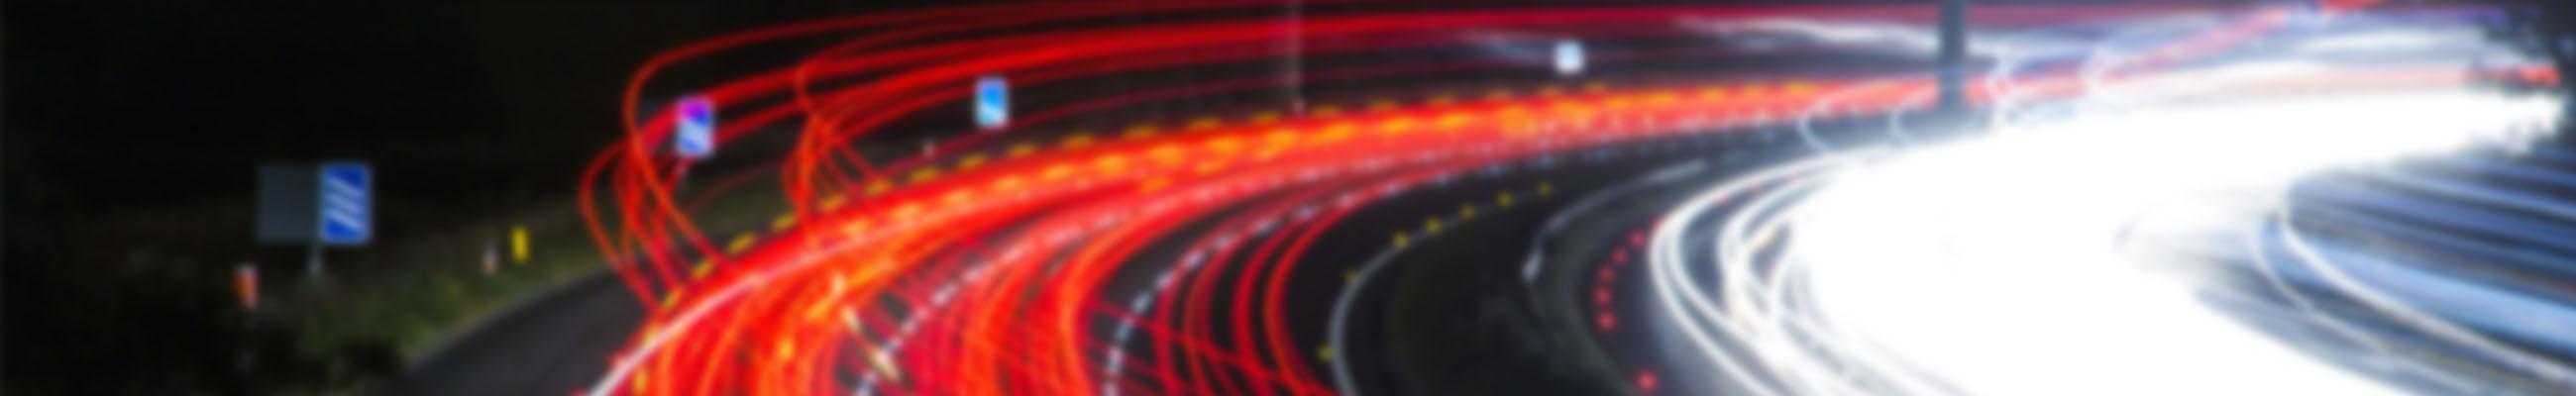 Header Image - DIGITAL VANTAGE POINT BLOG